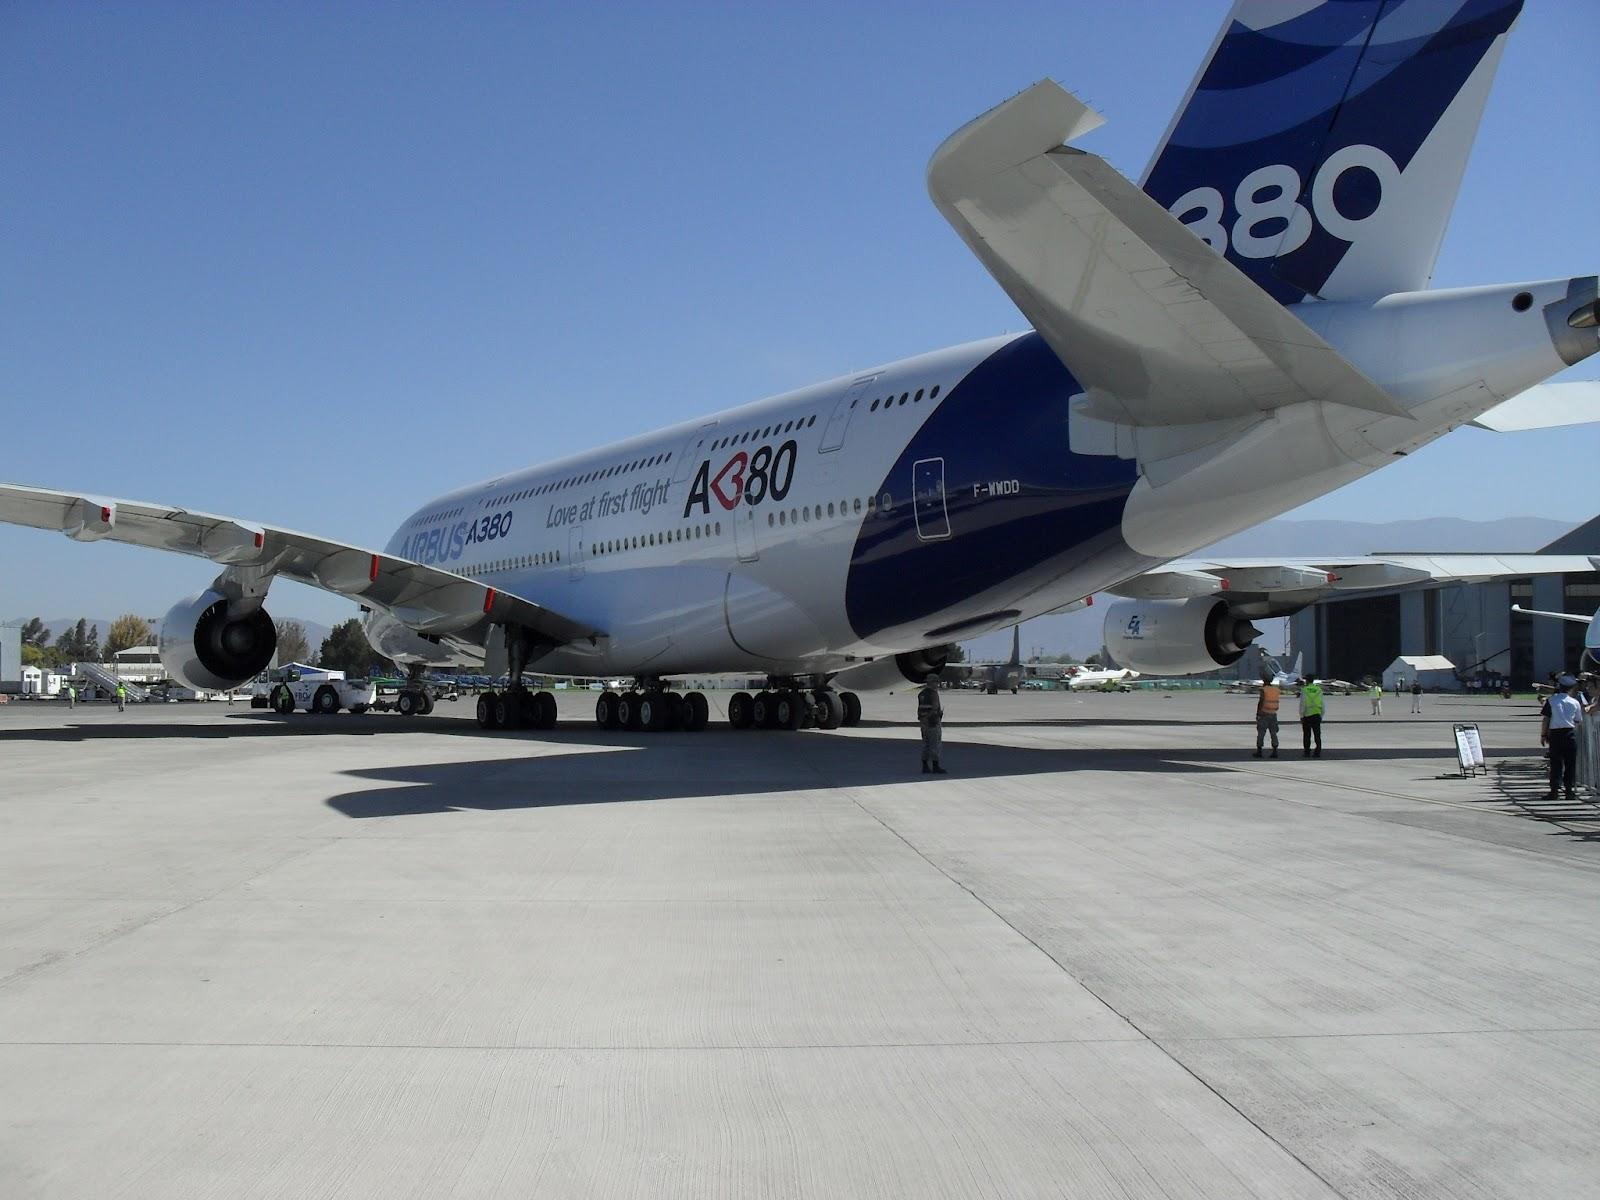 FEIRA INTERNACIONAL DEL AIRE Y DEL ESPACIO EXPOSIÇÕES DE AVIÕES #3E5E8D 1600x1200 Banheiro De Avião Internacional